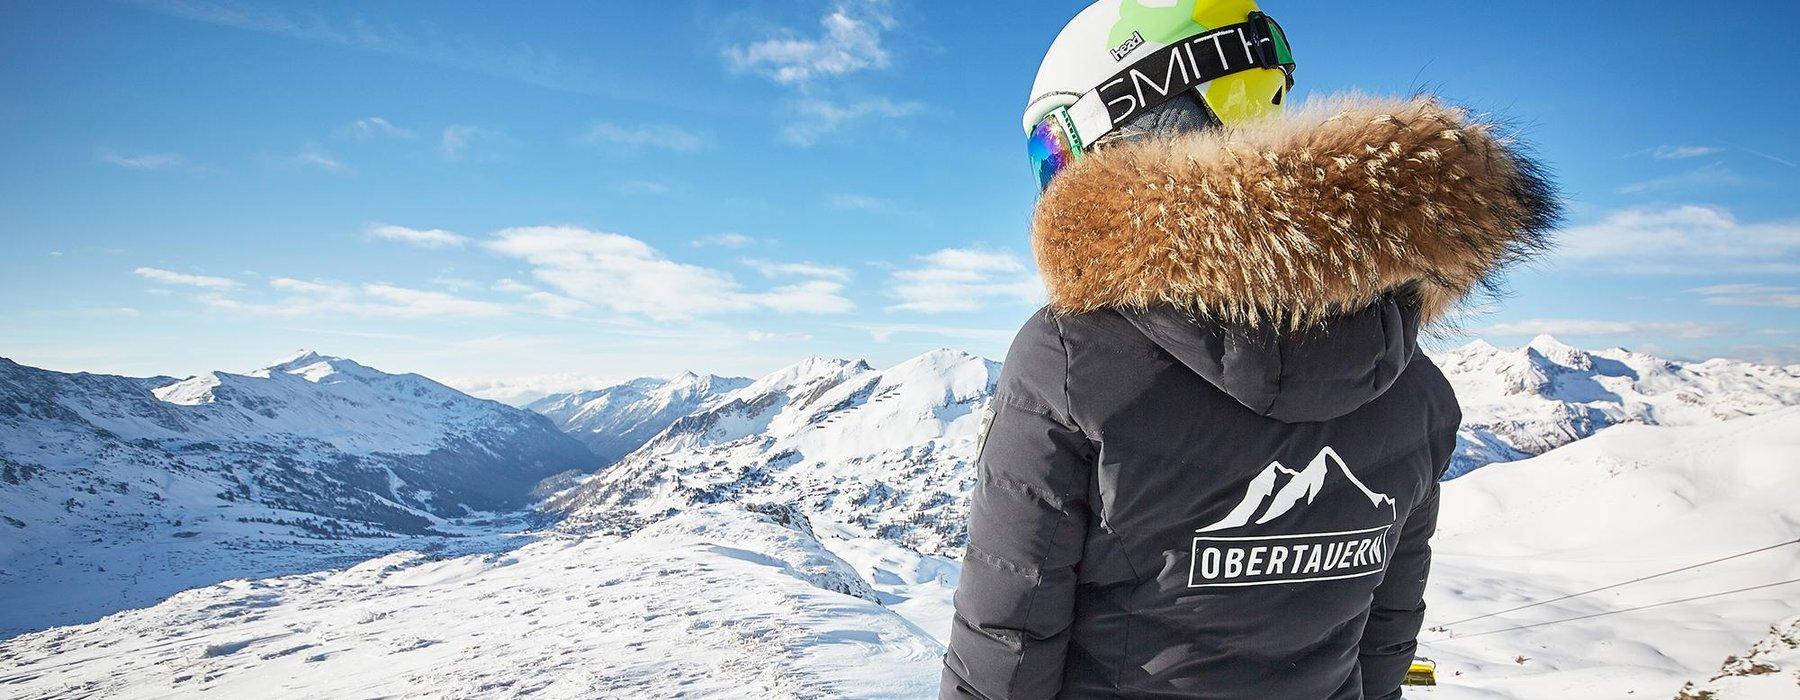 Skifahren über Weihnachten 2019.Pauschalen Angebote In Obertauern Salzburger Land österreich